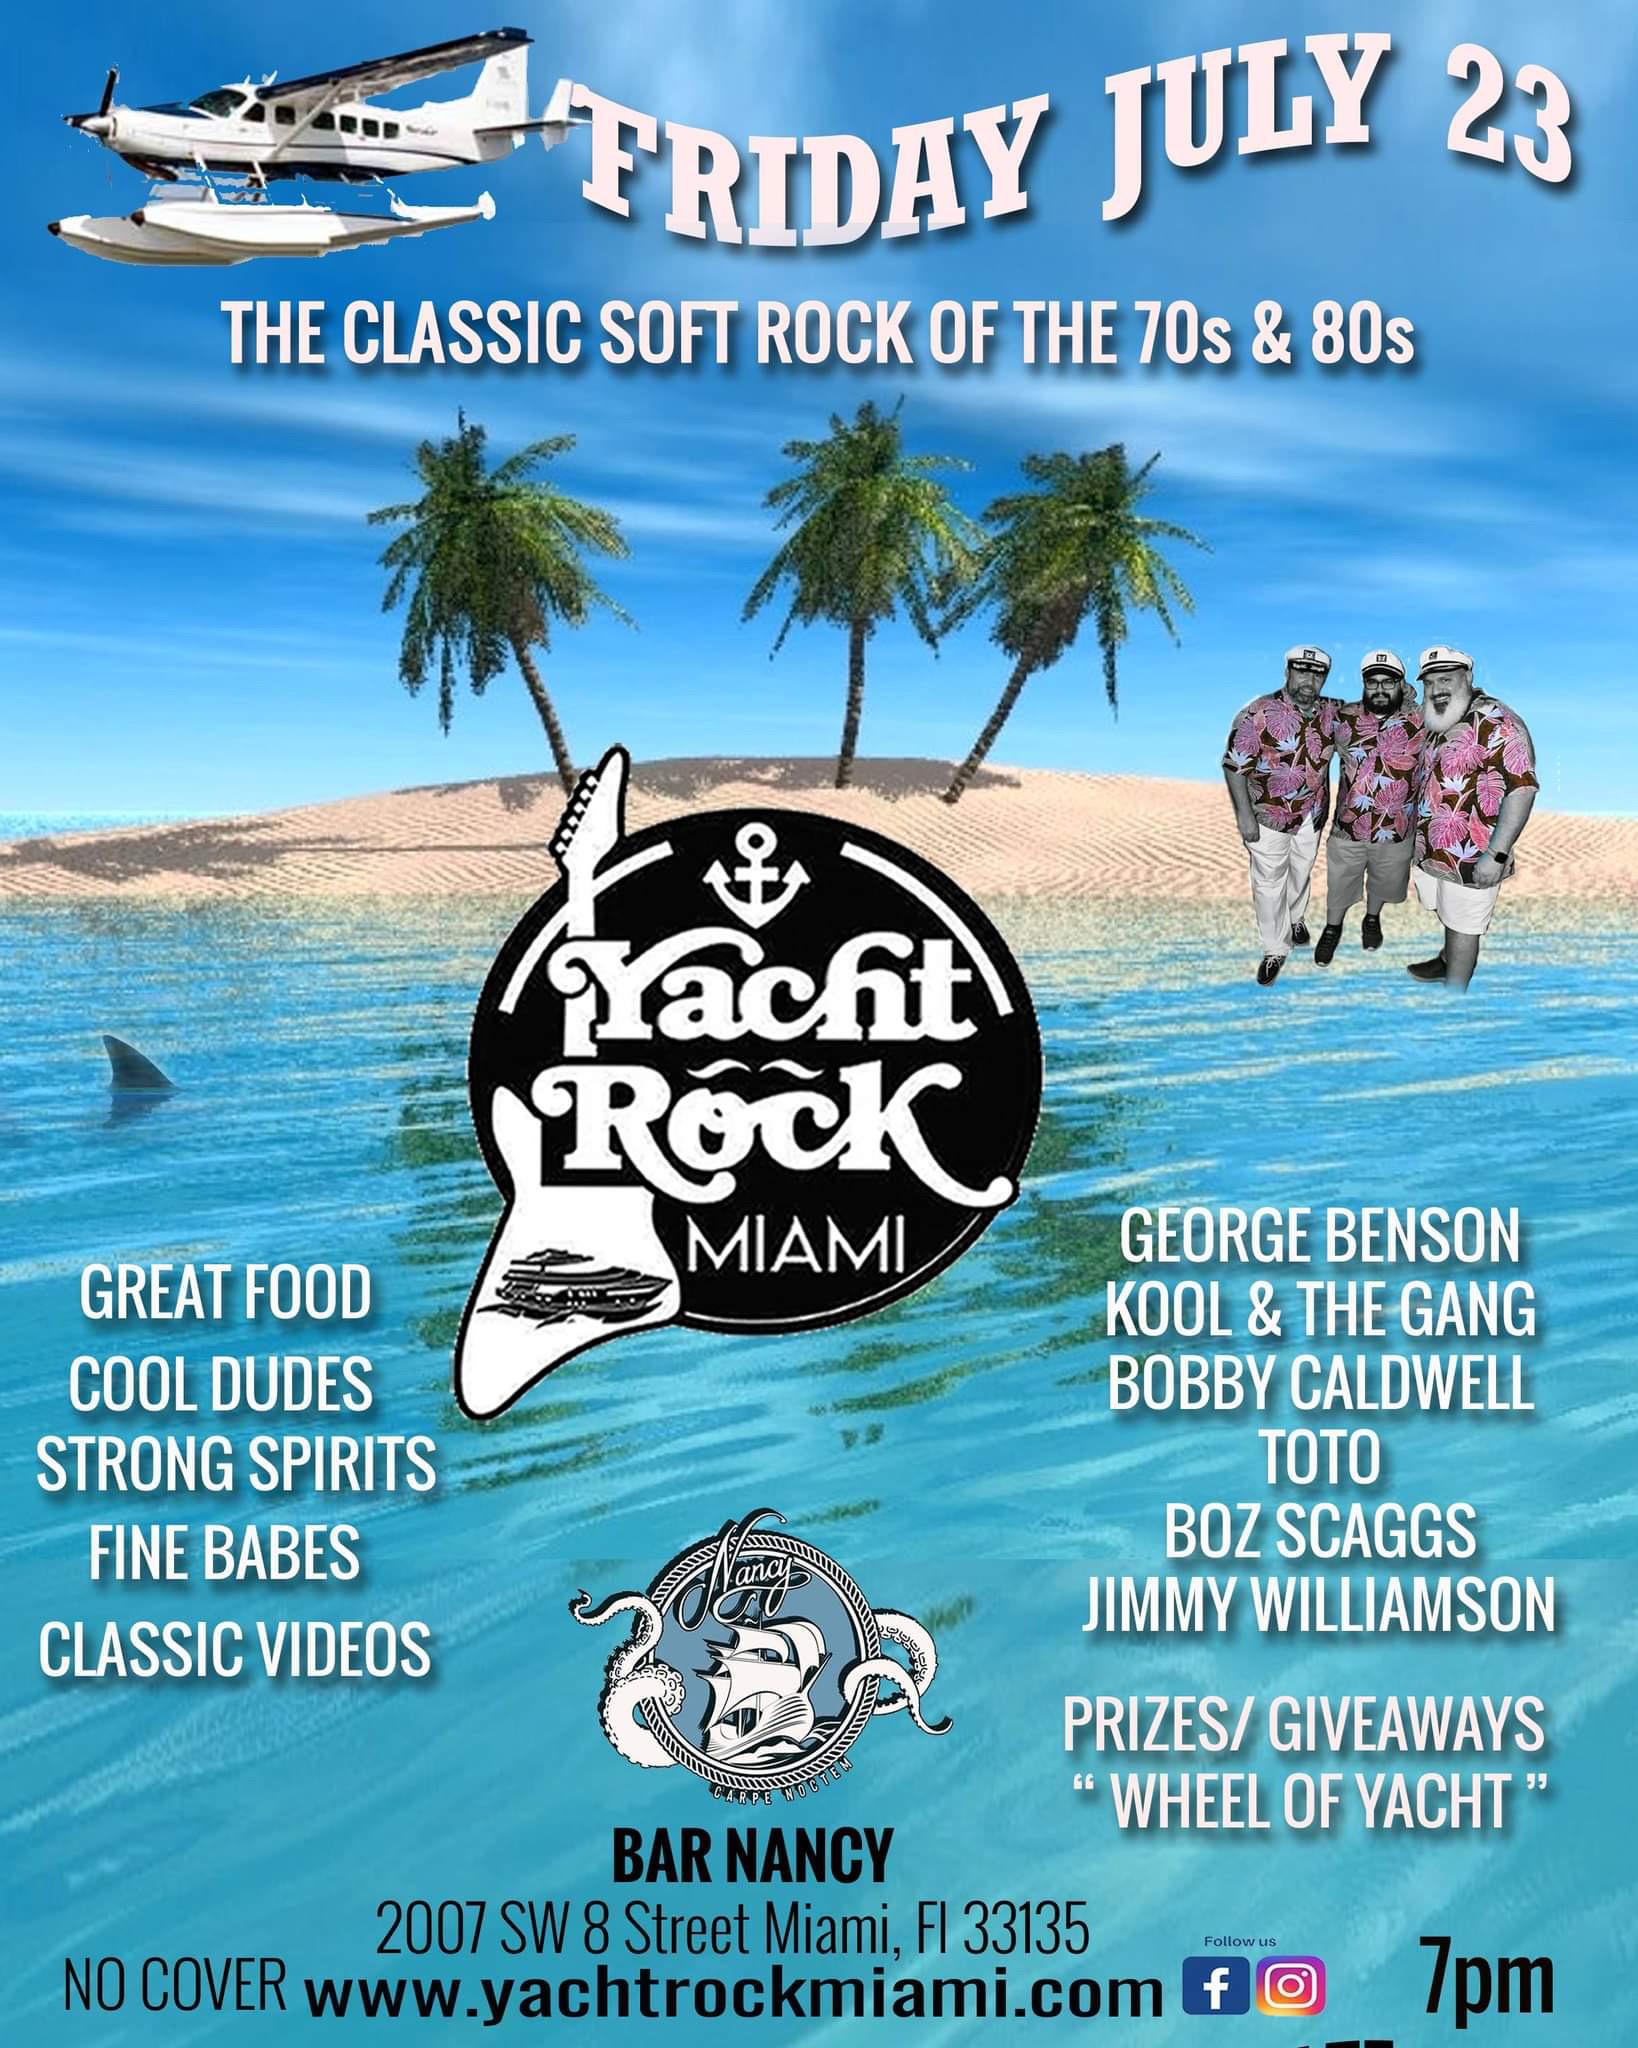 Yacht Rock at Bar Nancy July 23 at 7PM